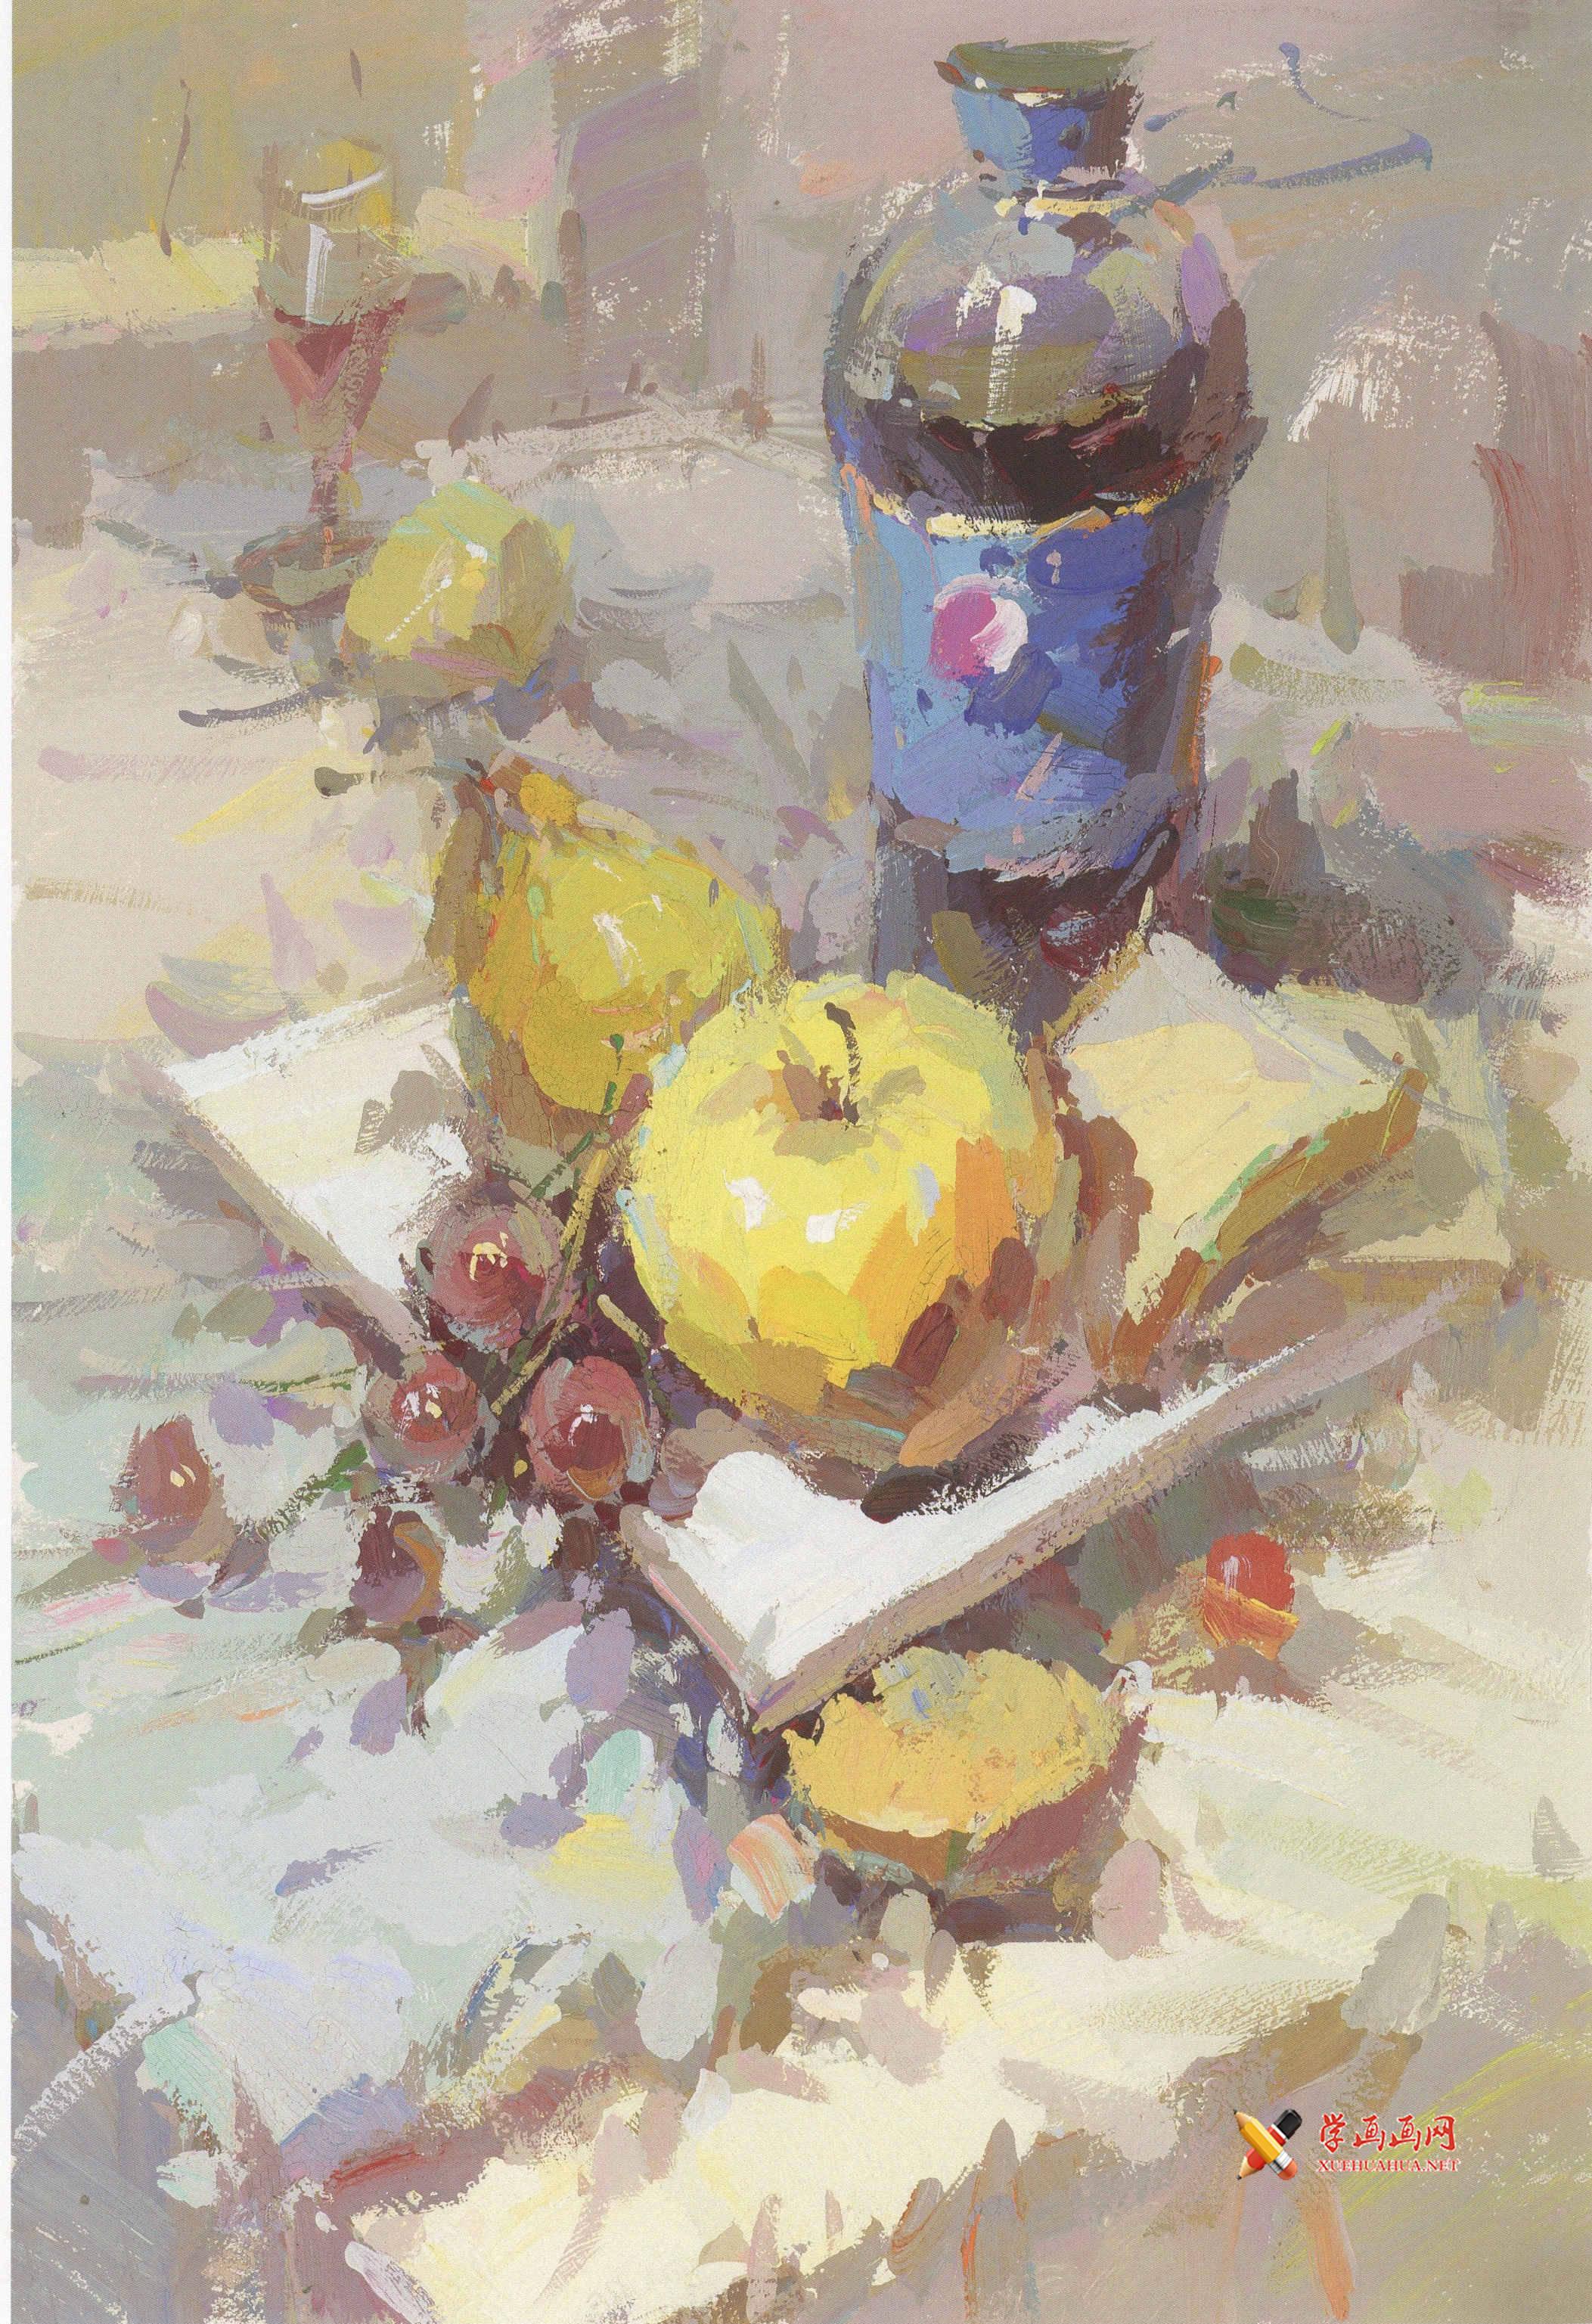 水粉画图片:百事可乐、白瓷盘、葡萄、苹果、面包的画法组合(1)